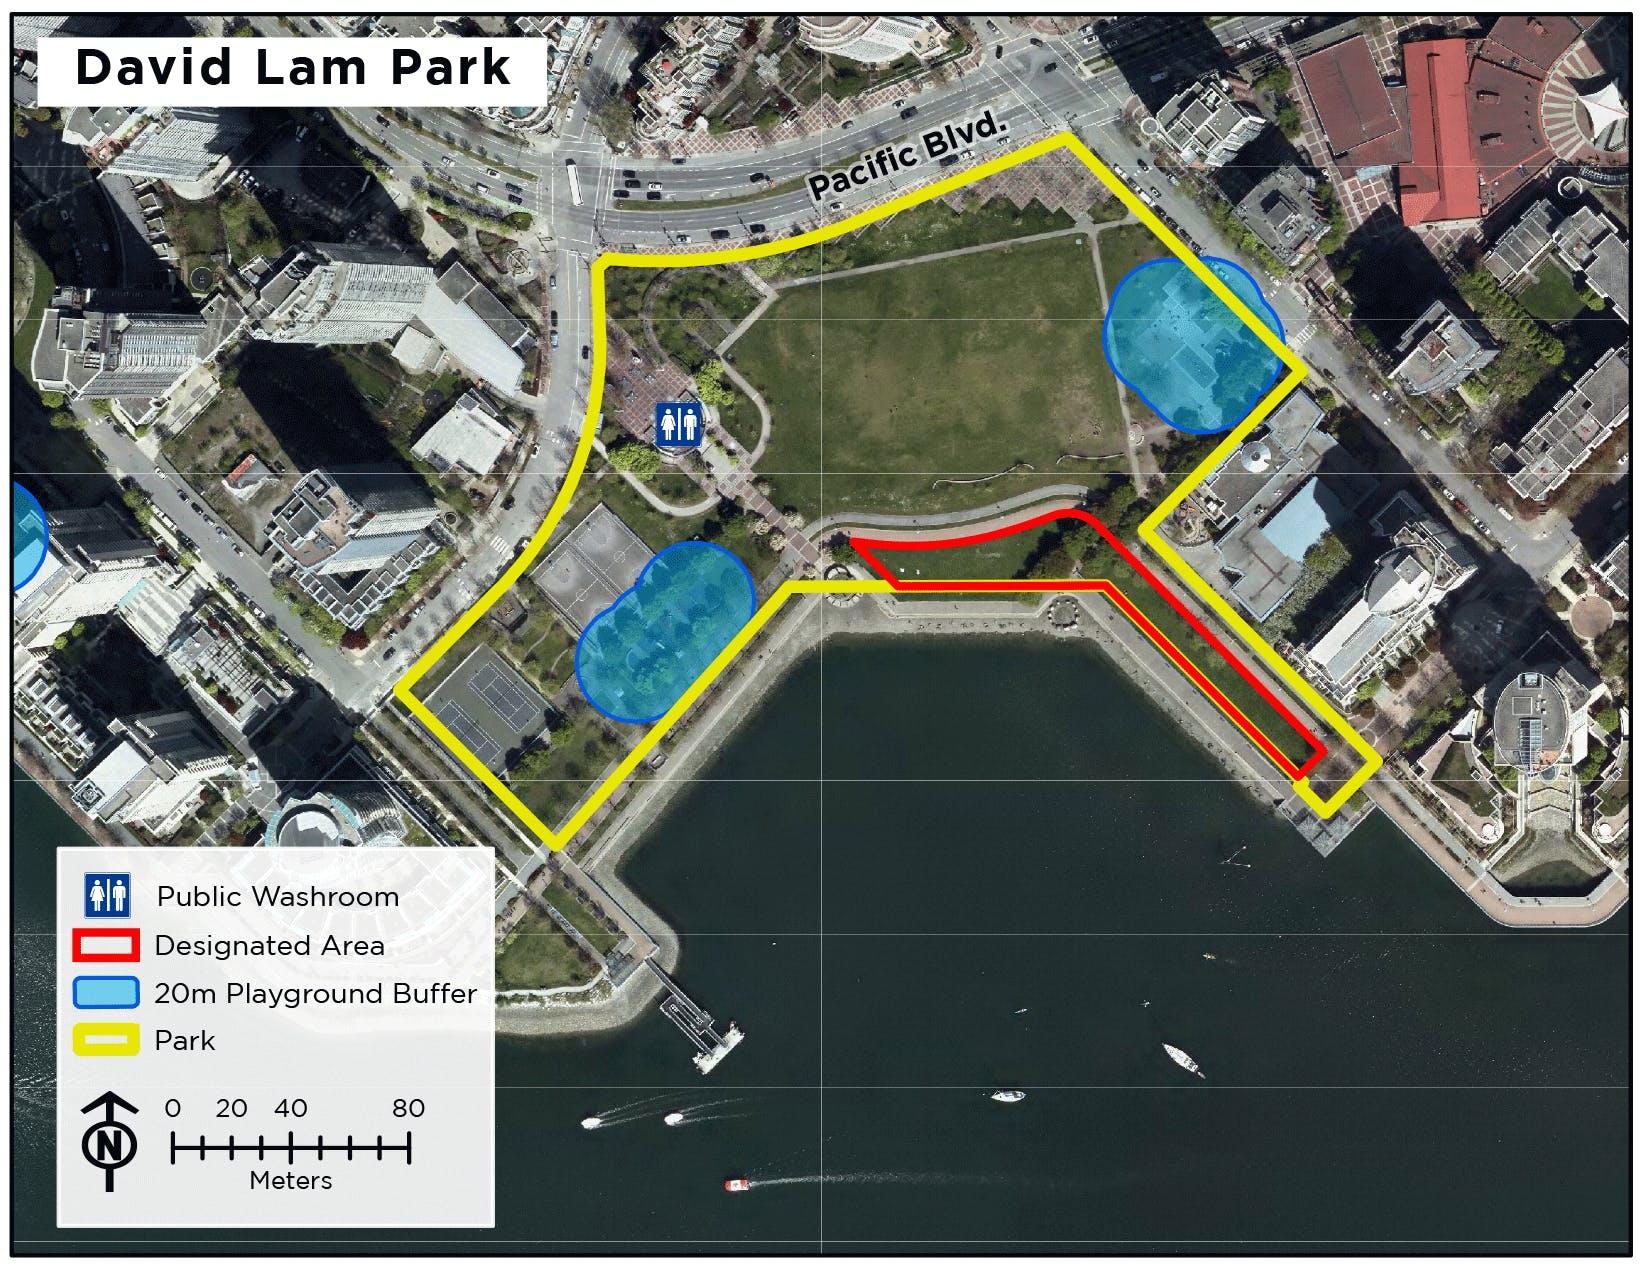 David Lam Park